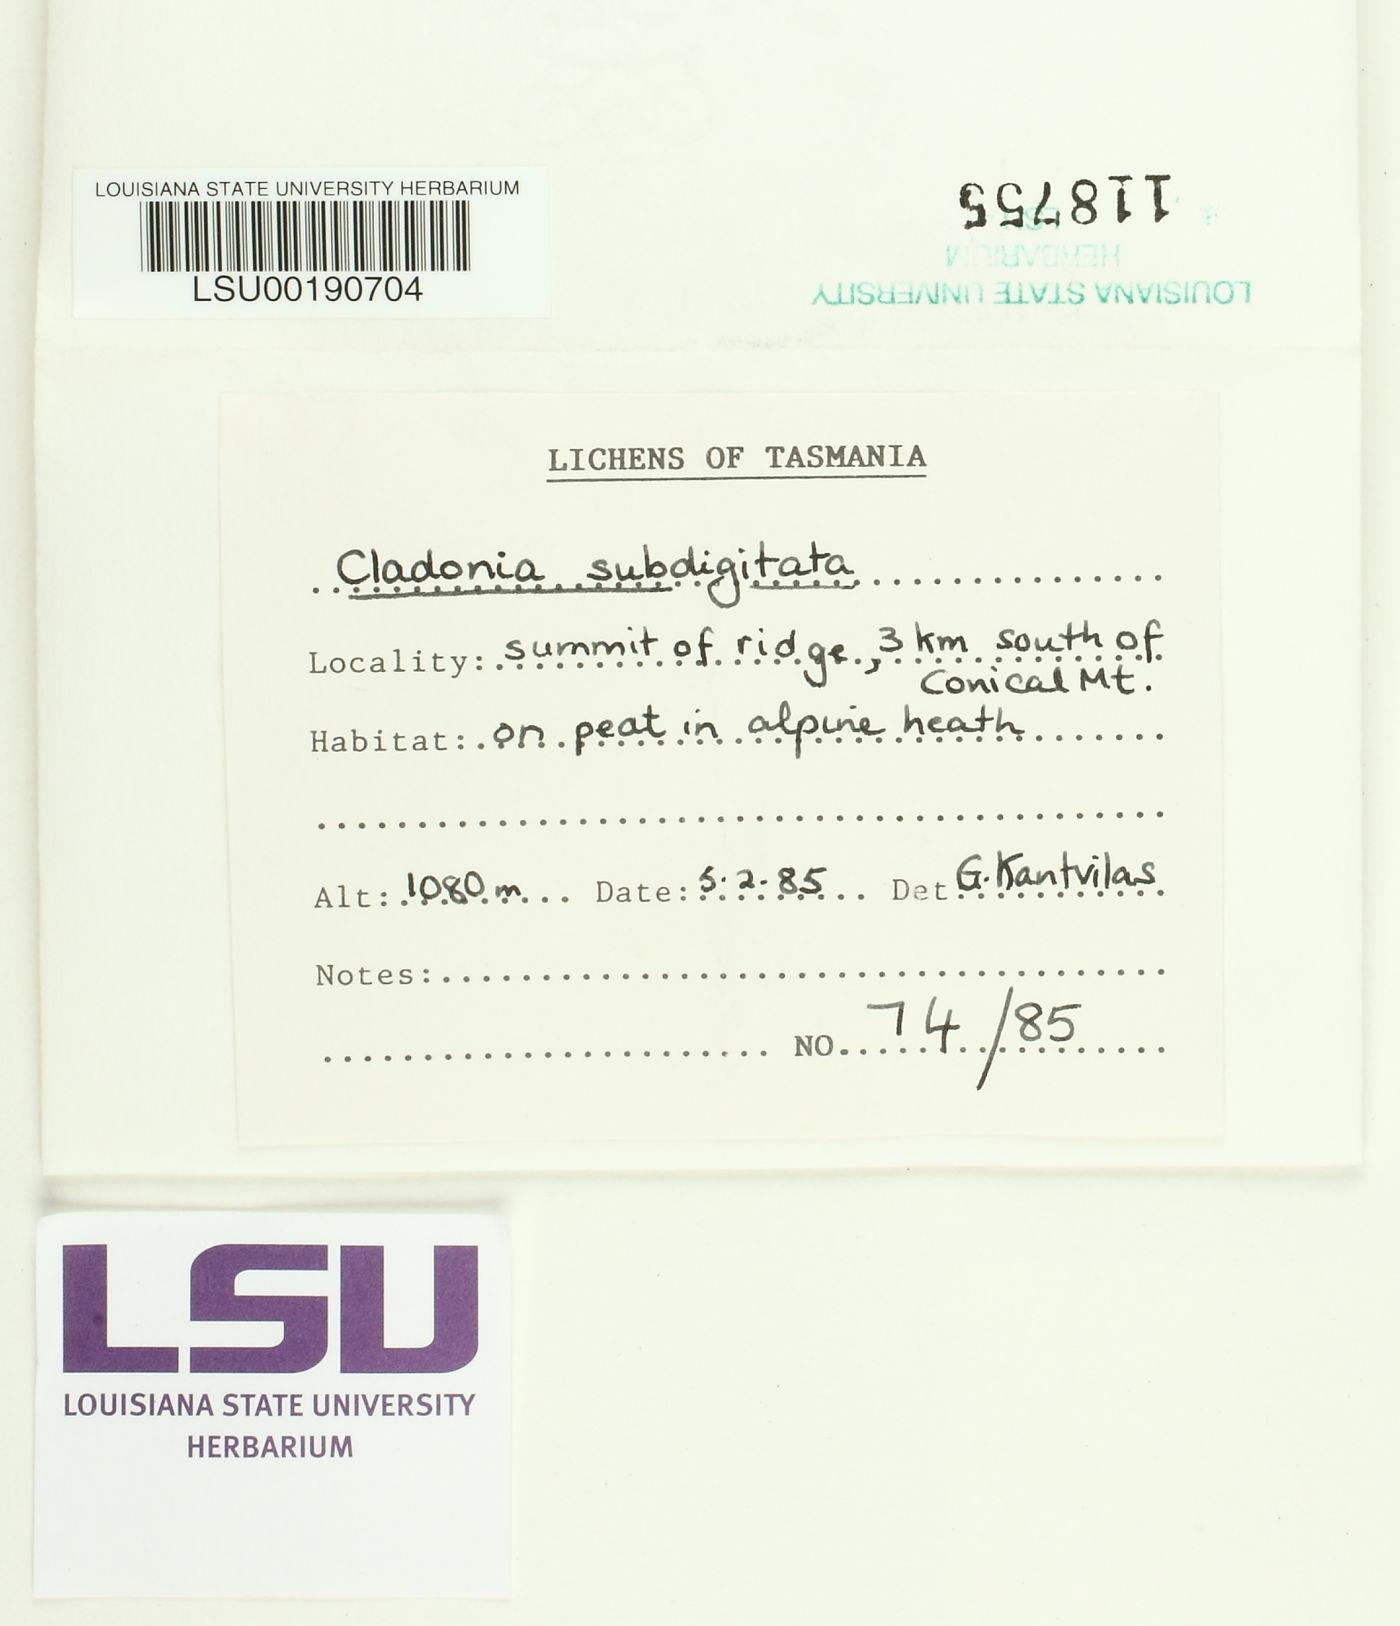 Cladonia subdigitata image